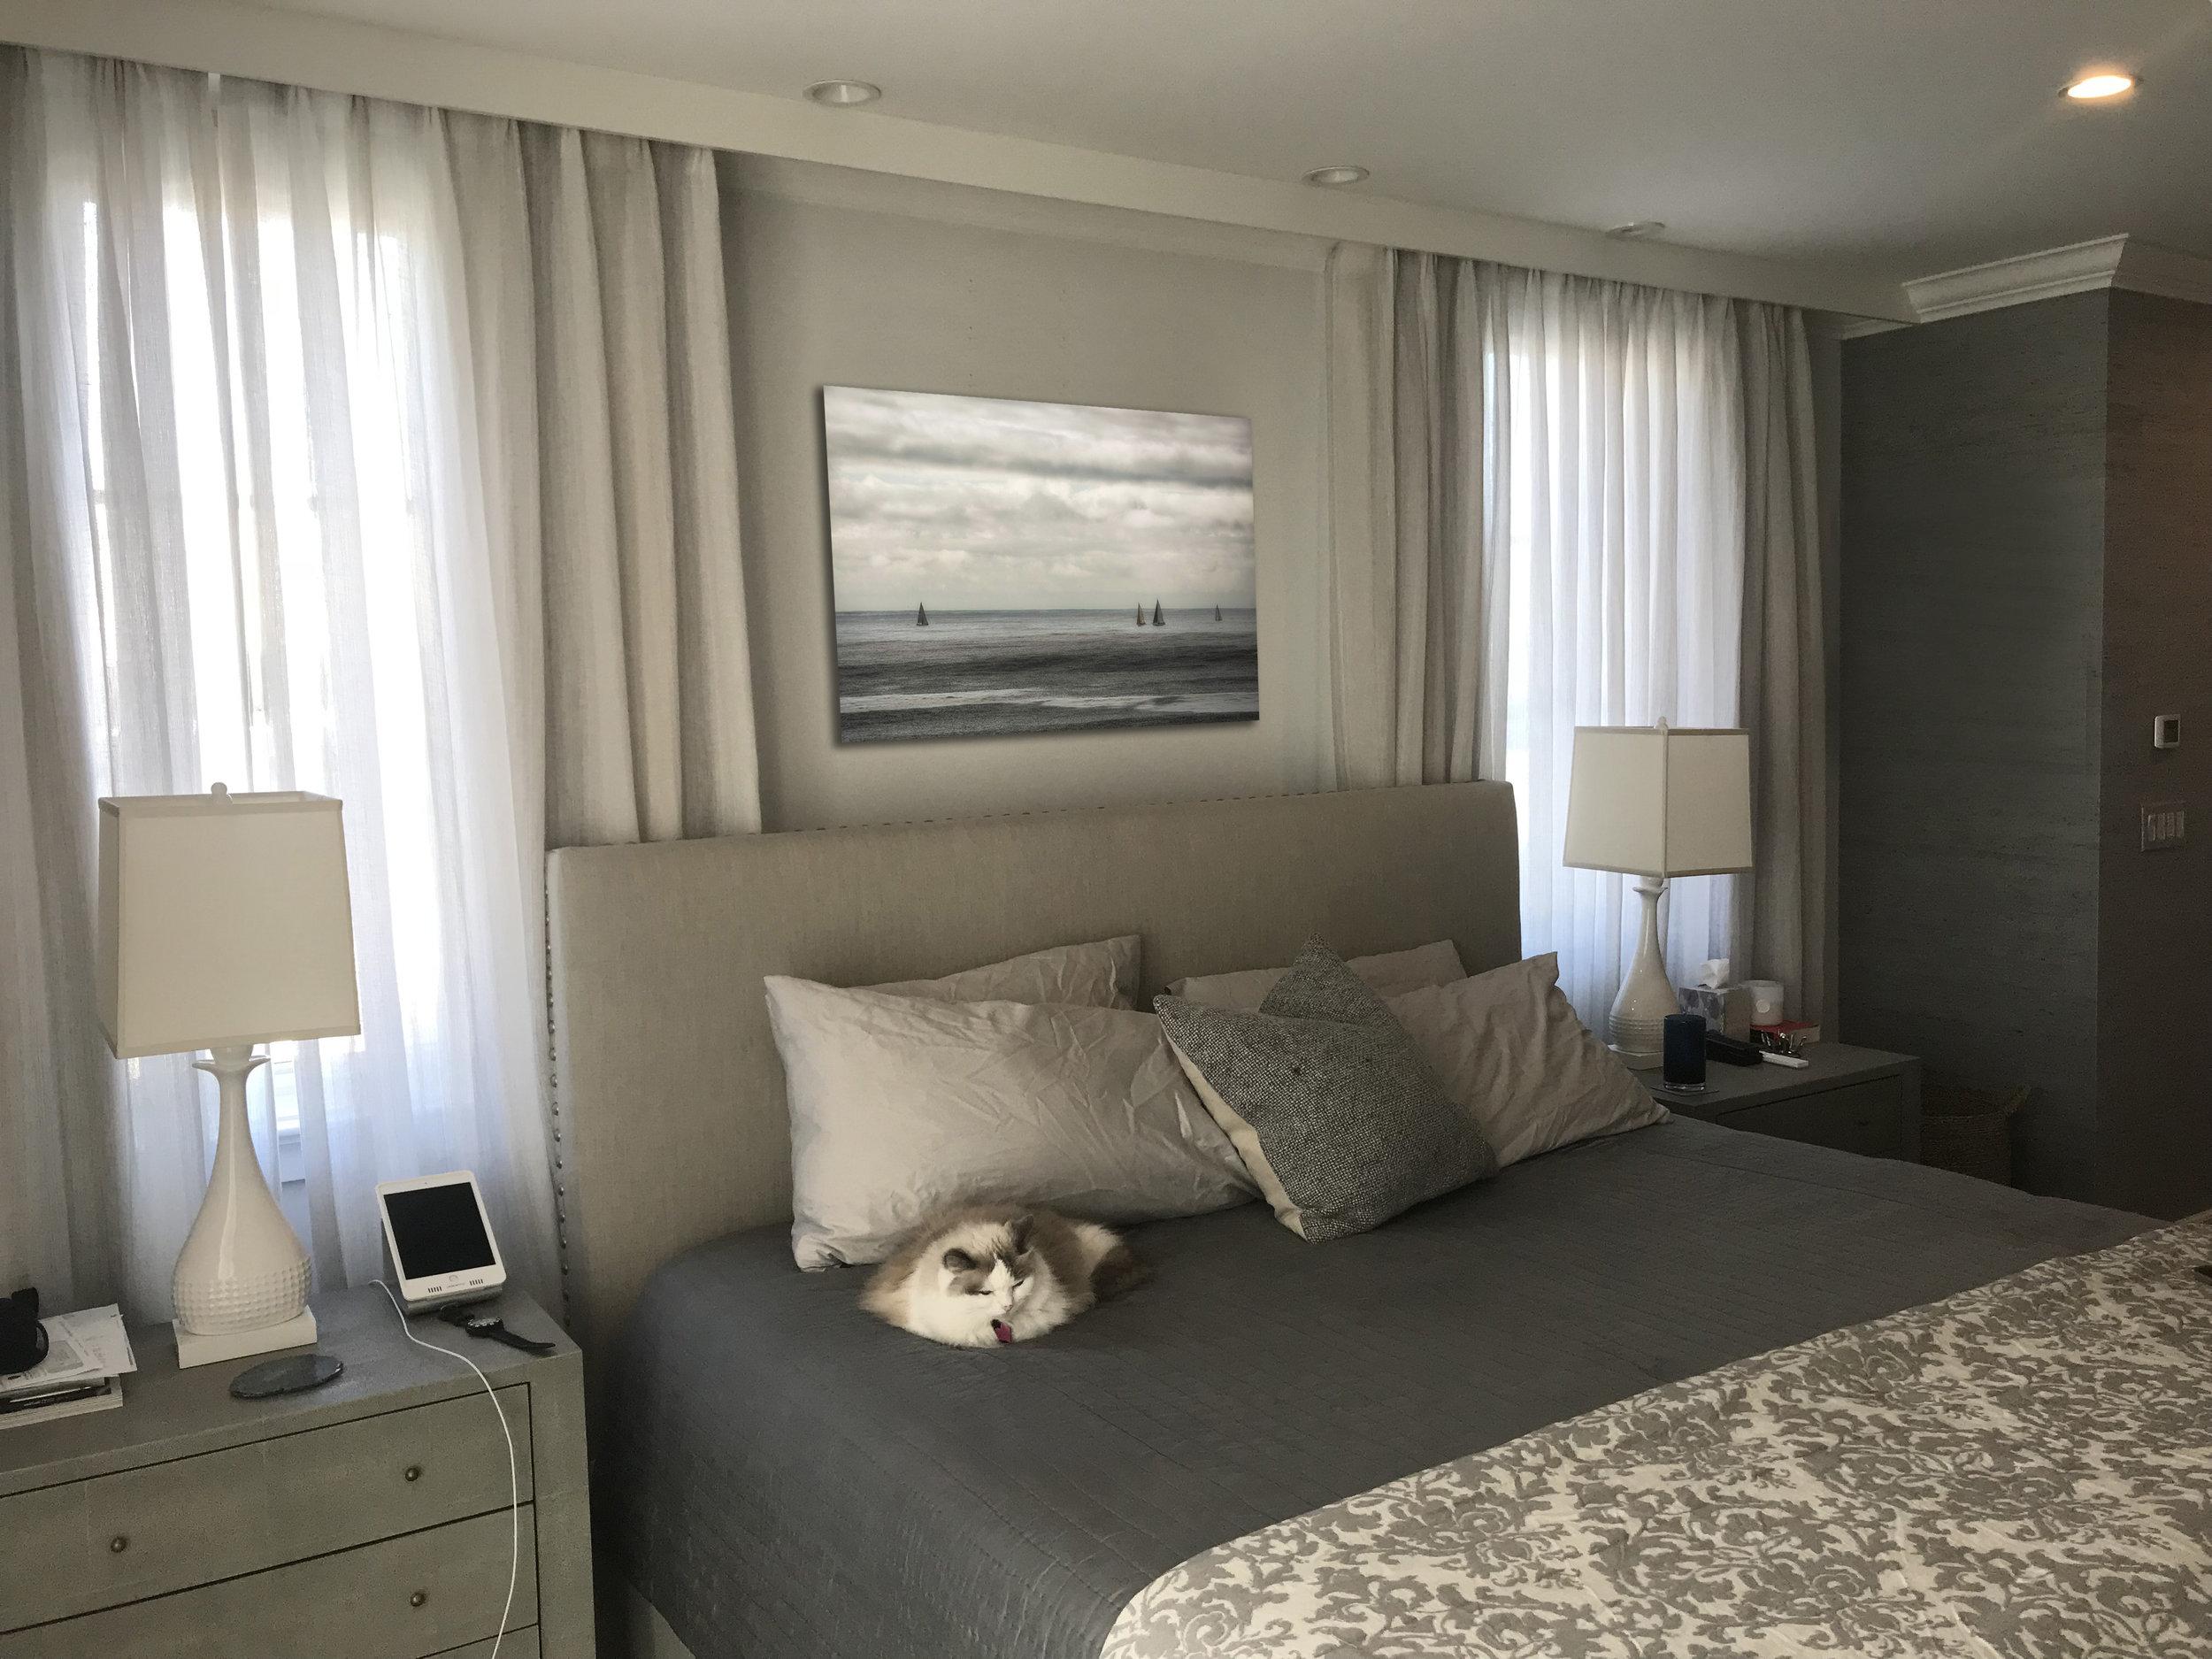 Robin_bedroom2.jpg